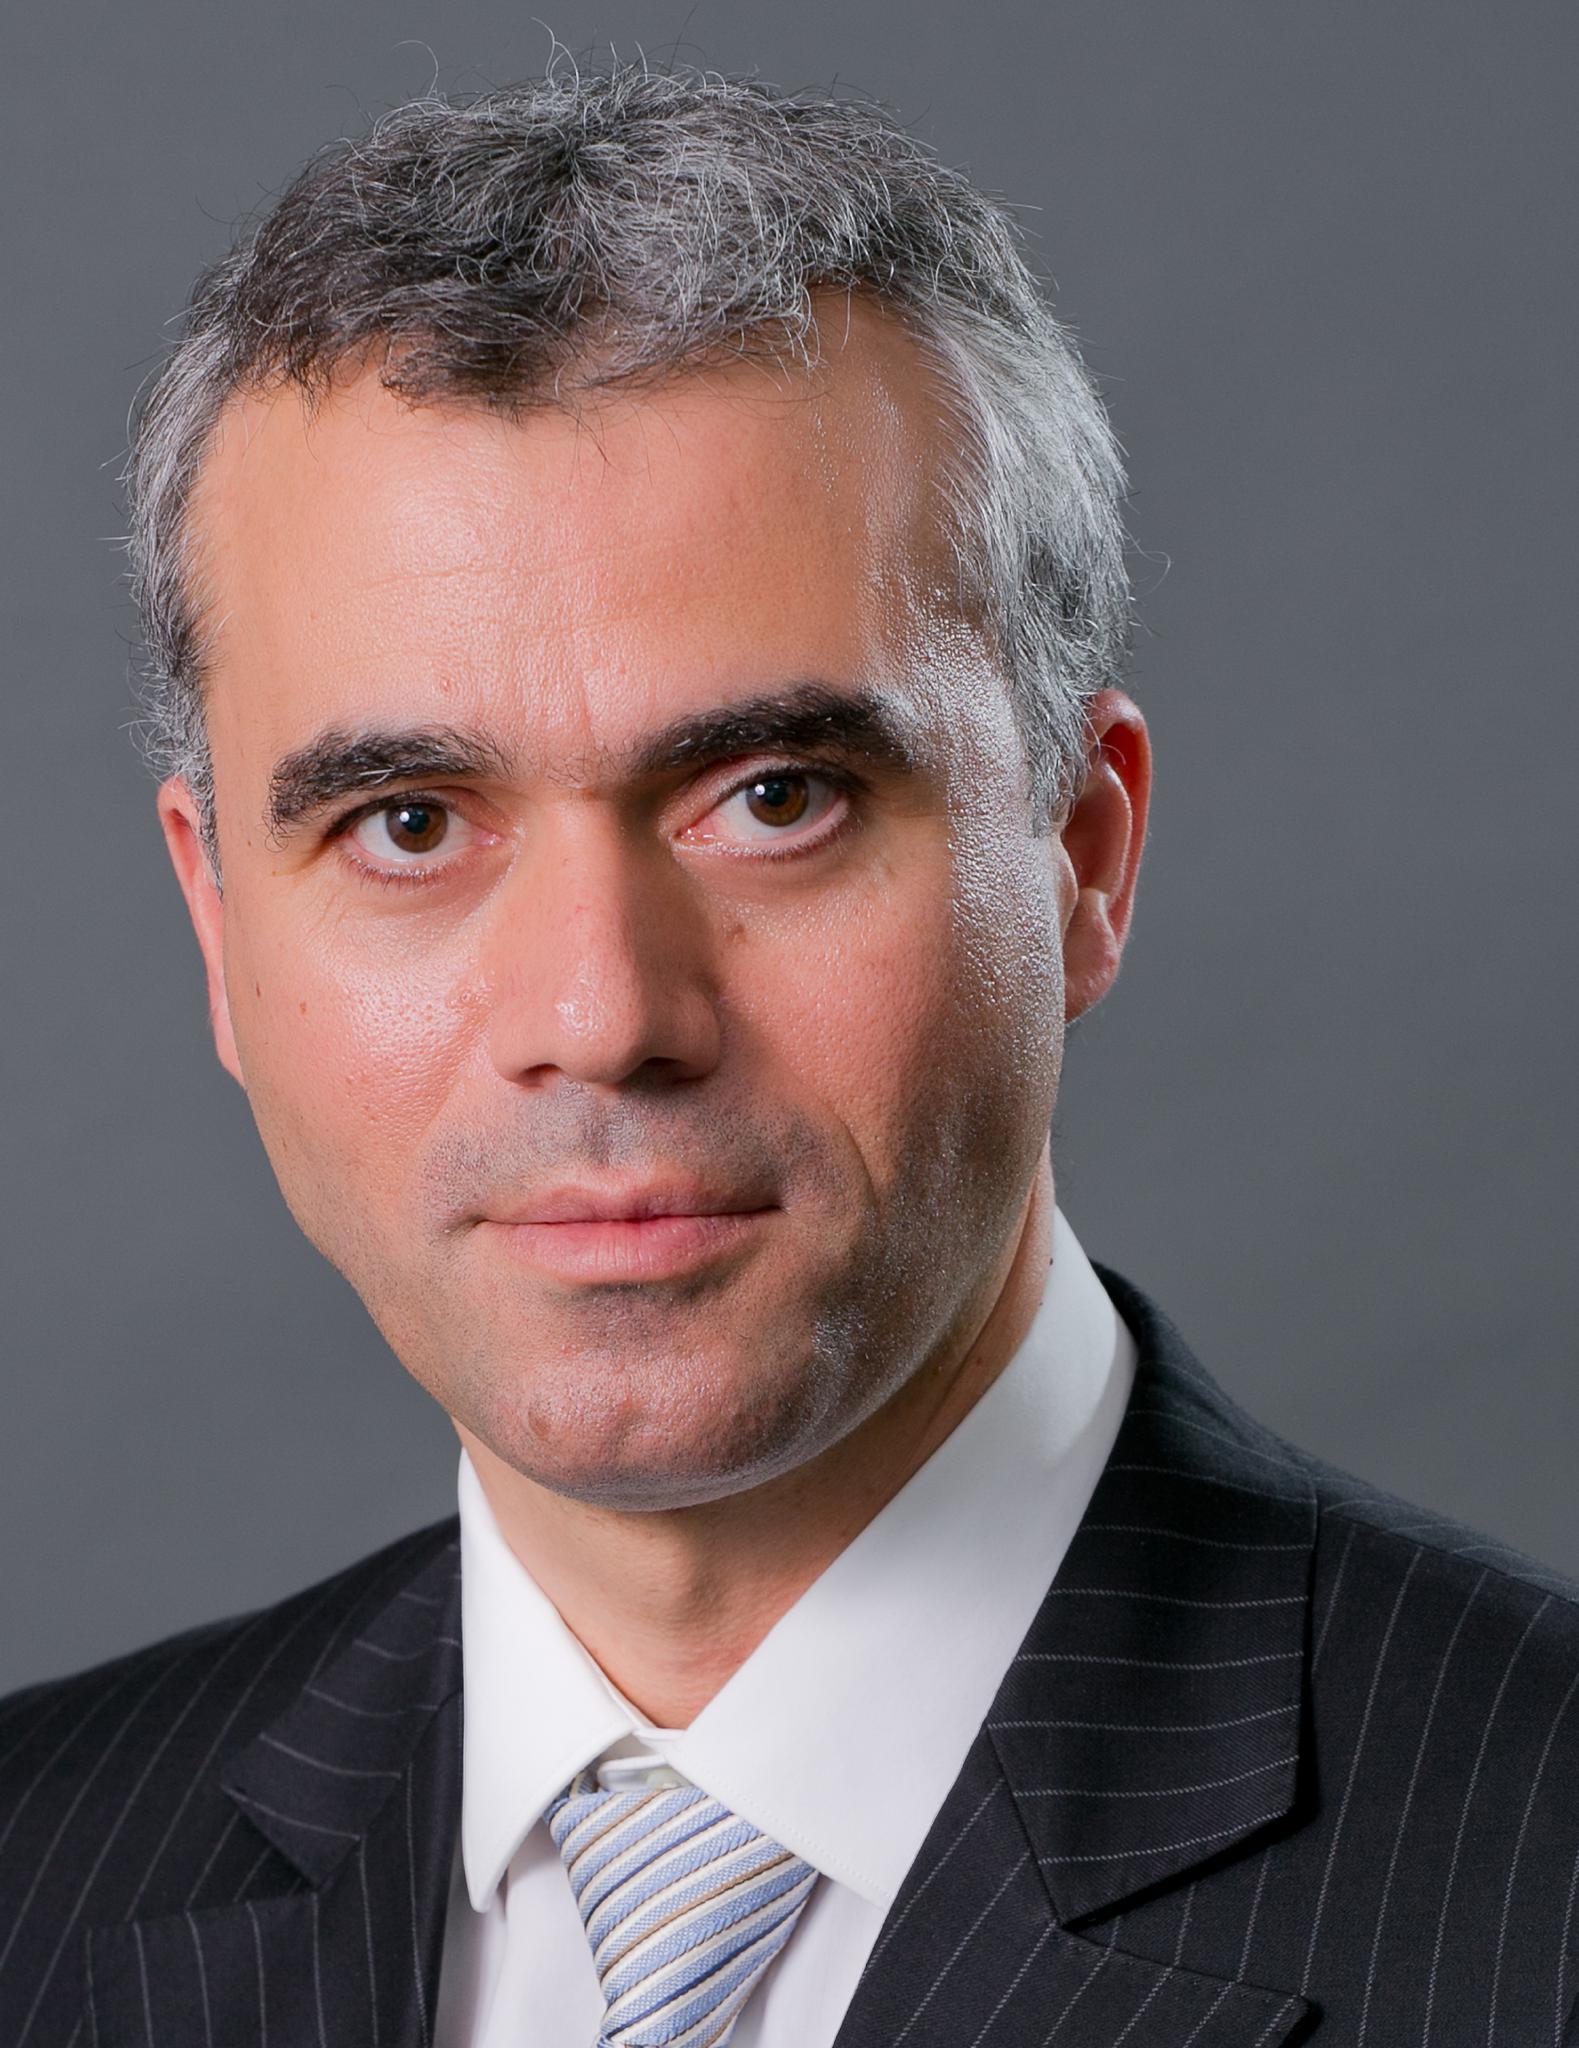 Theos Evgeniou